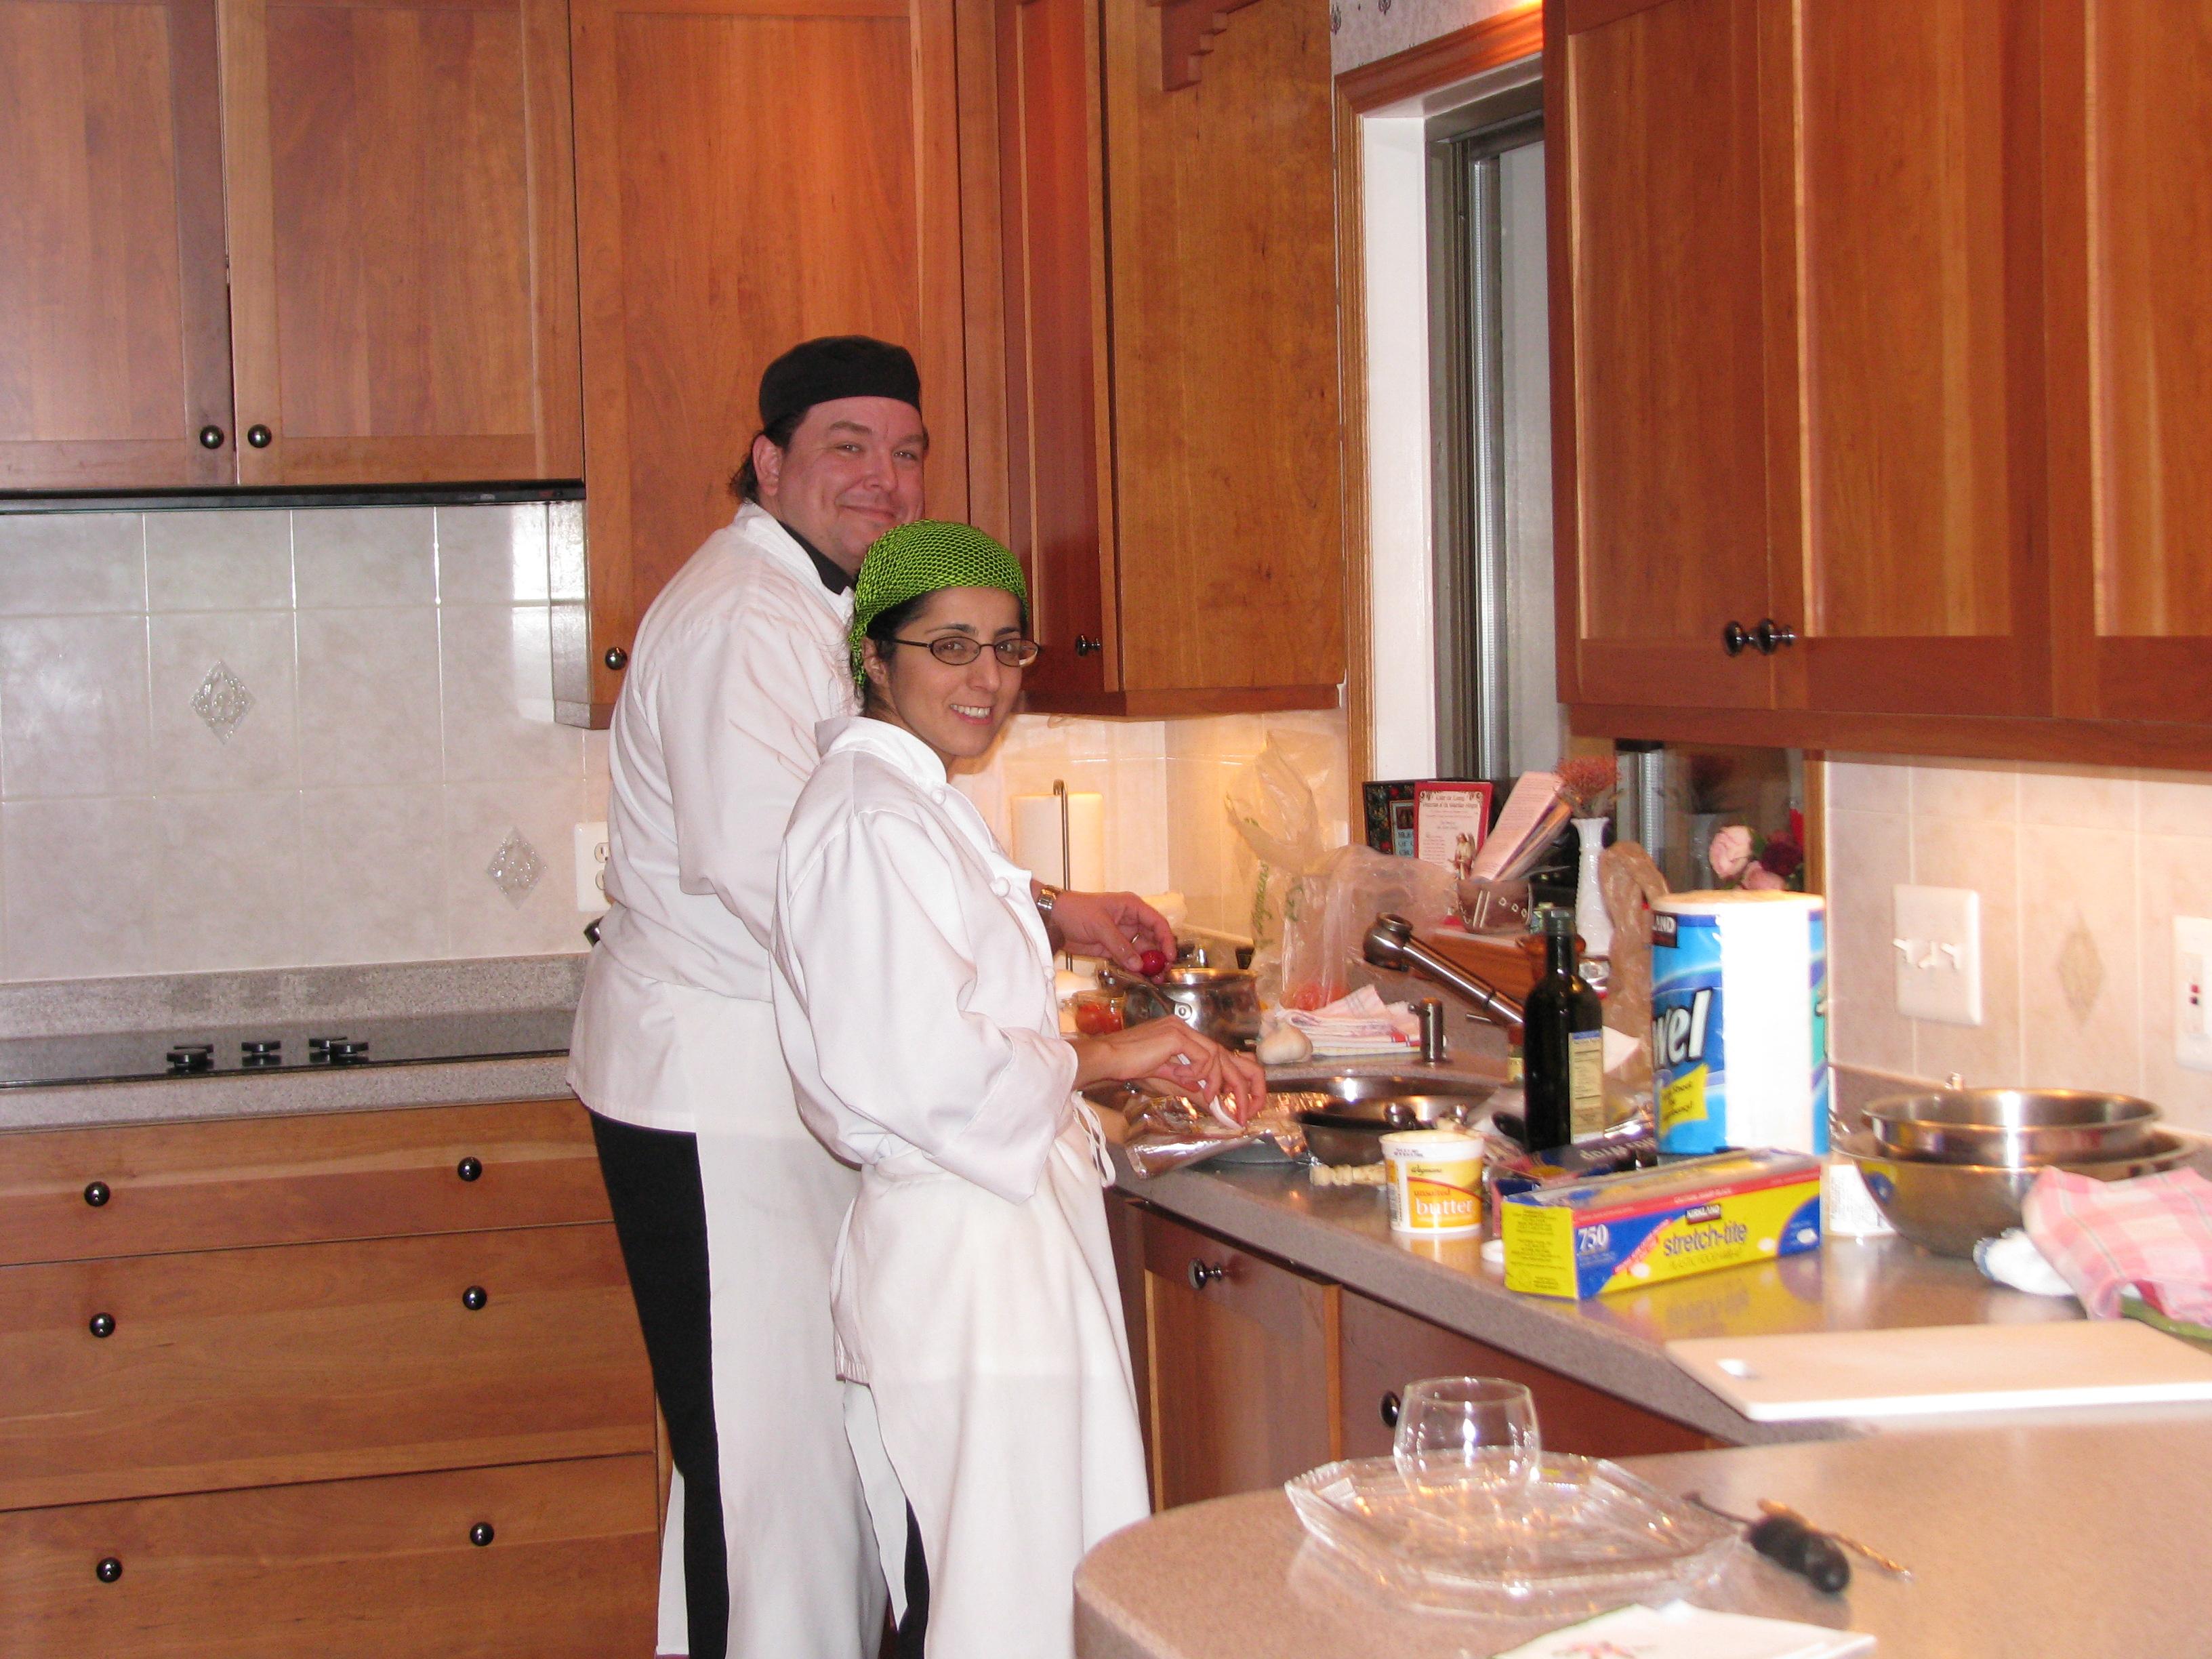 015-fam_Anniversary40_ChefMichael